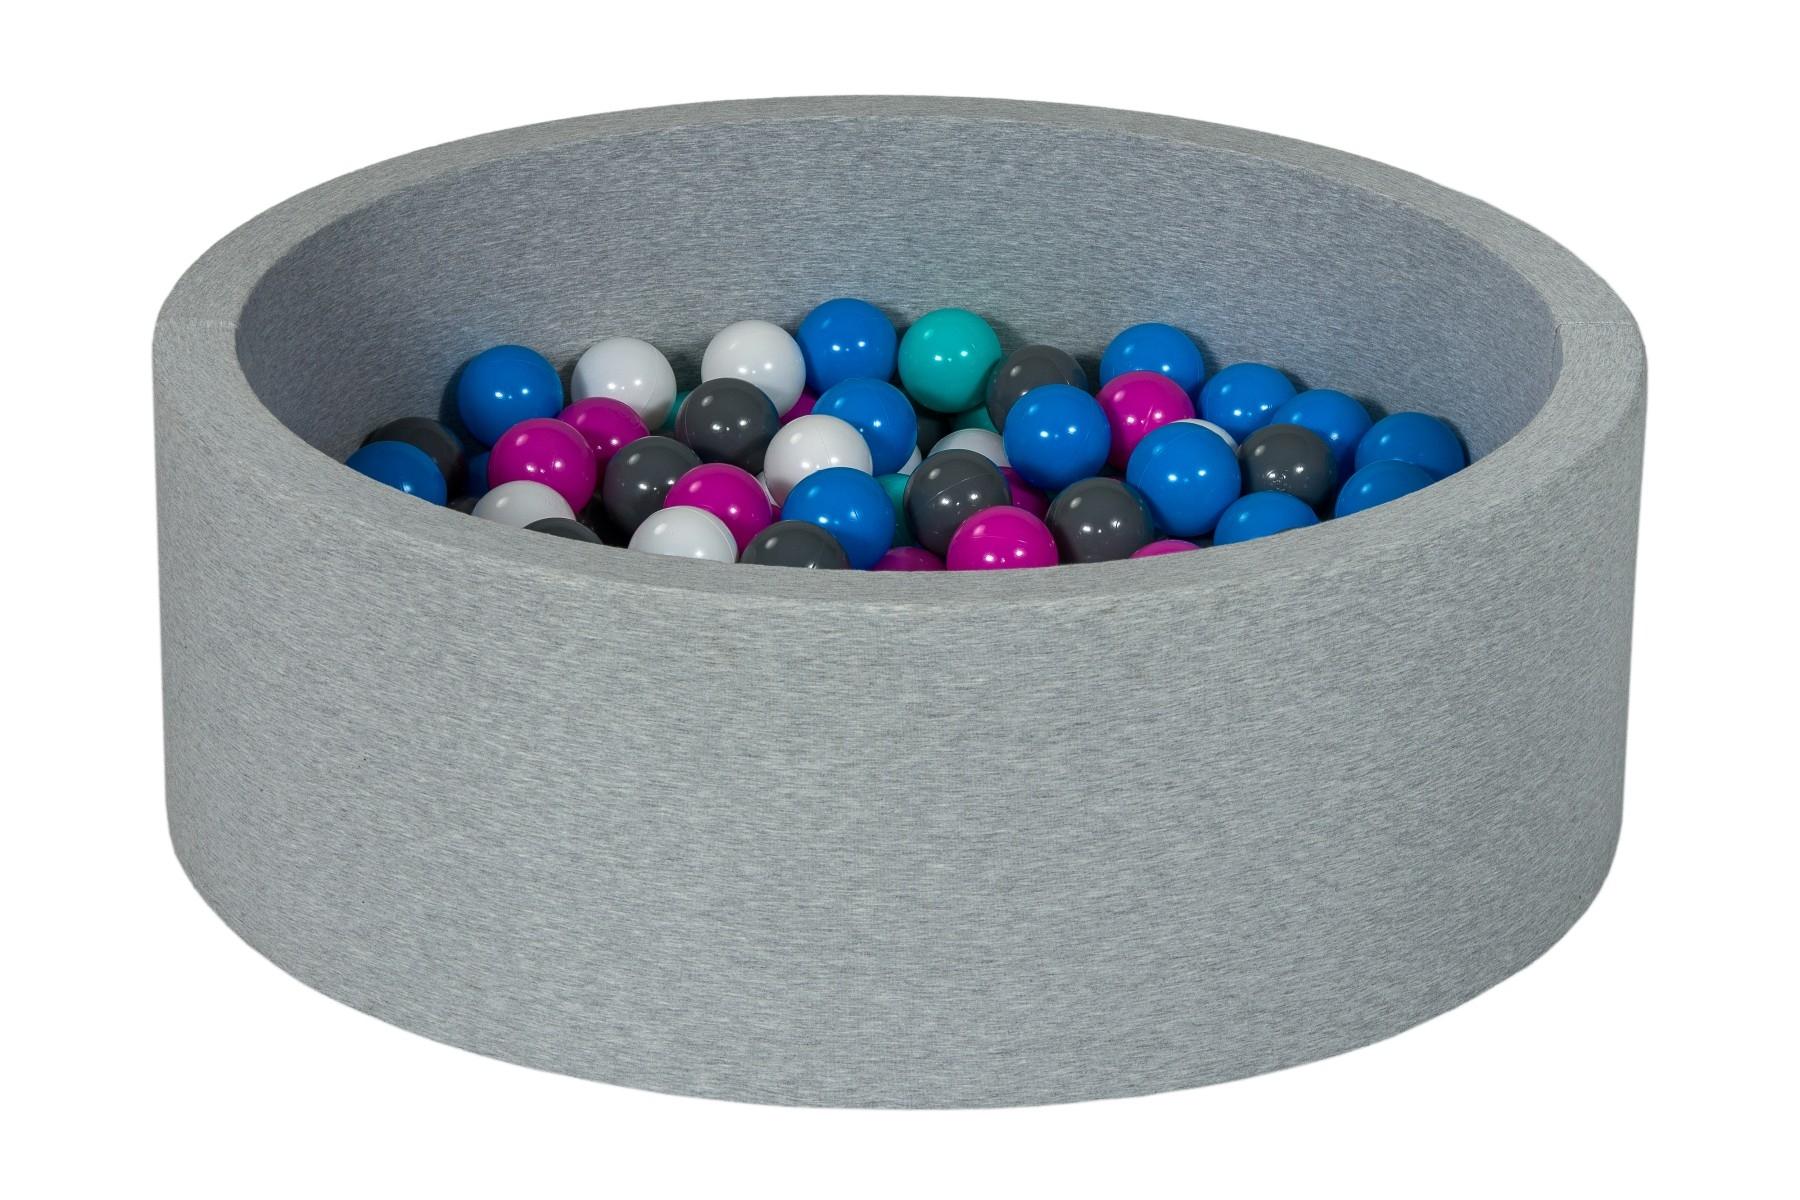 Piscine balles pour enfant aire de jeu 150 balles ebay for Piscine a balle mousse